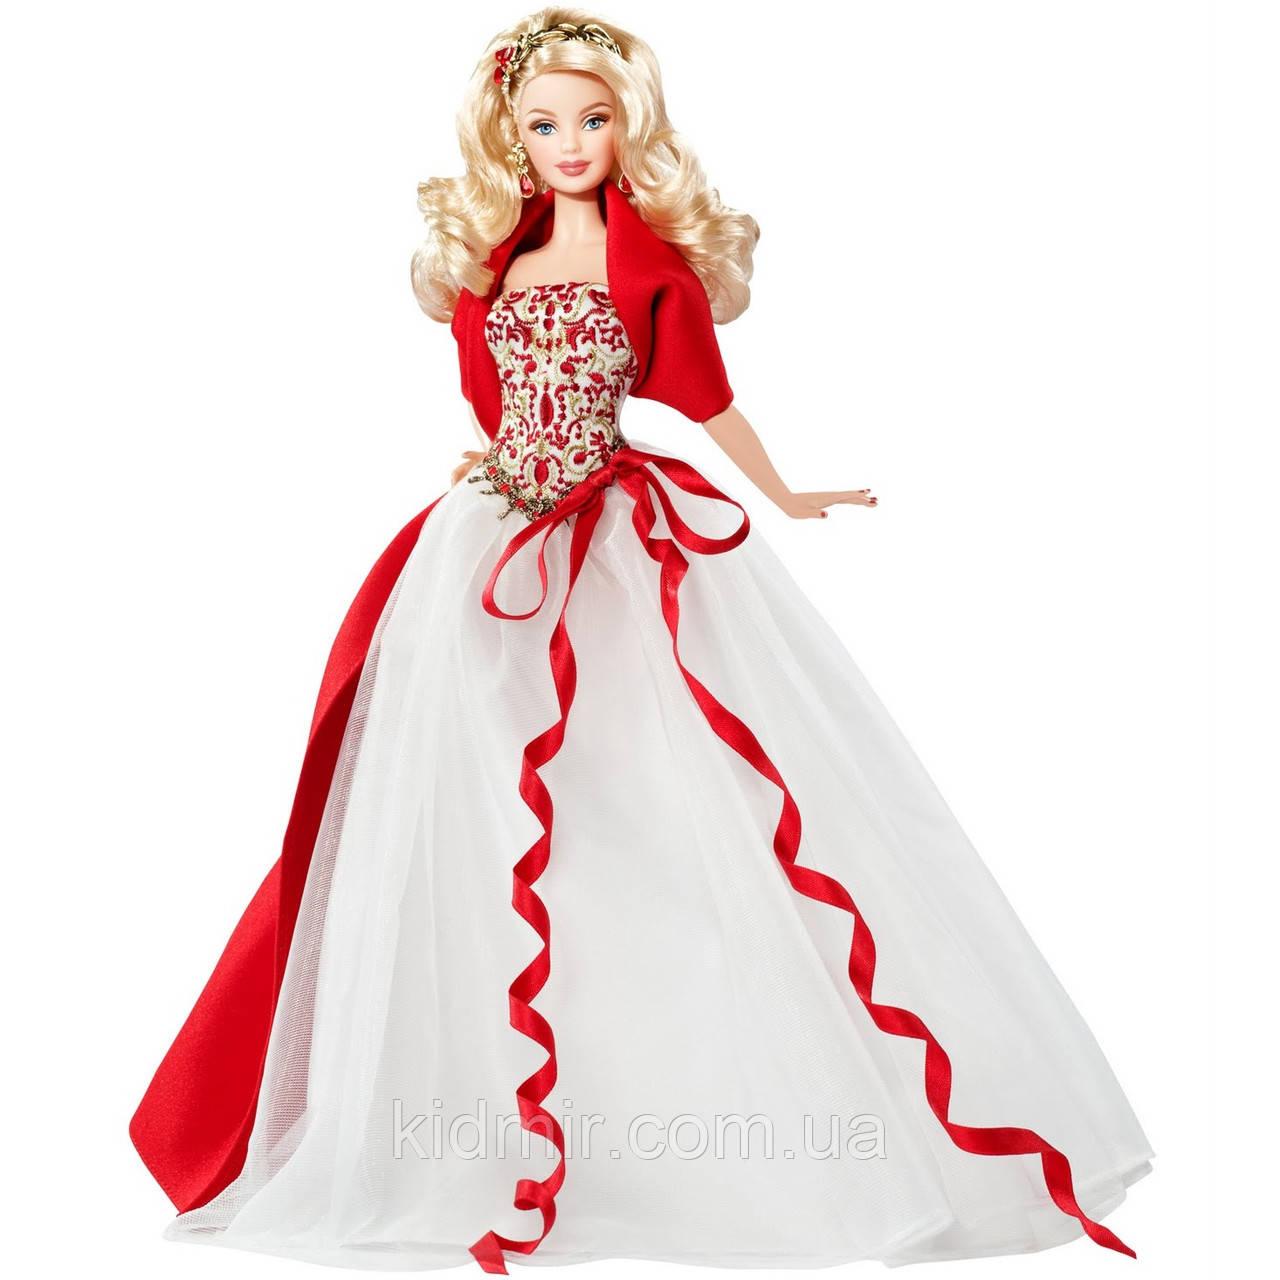 Кукла Барби Коллекционная Праздничная 2010 Barbie Collector Holiday R4545